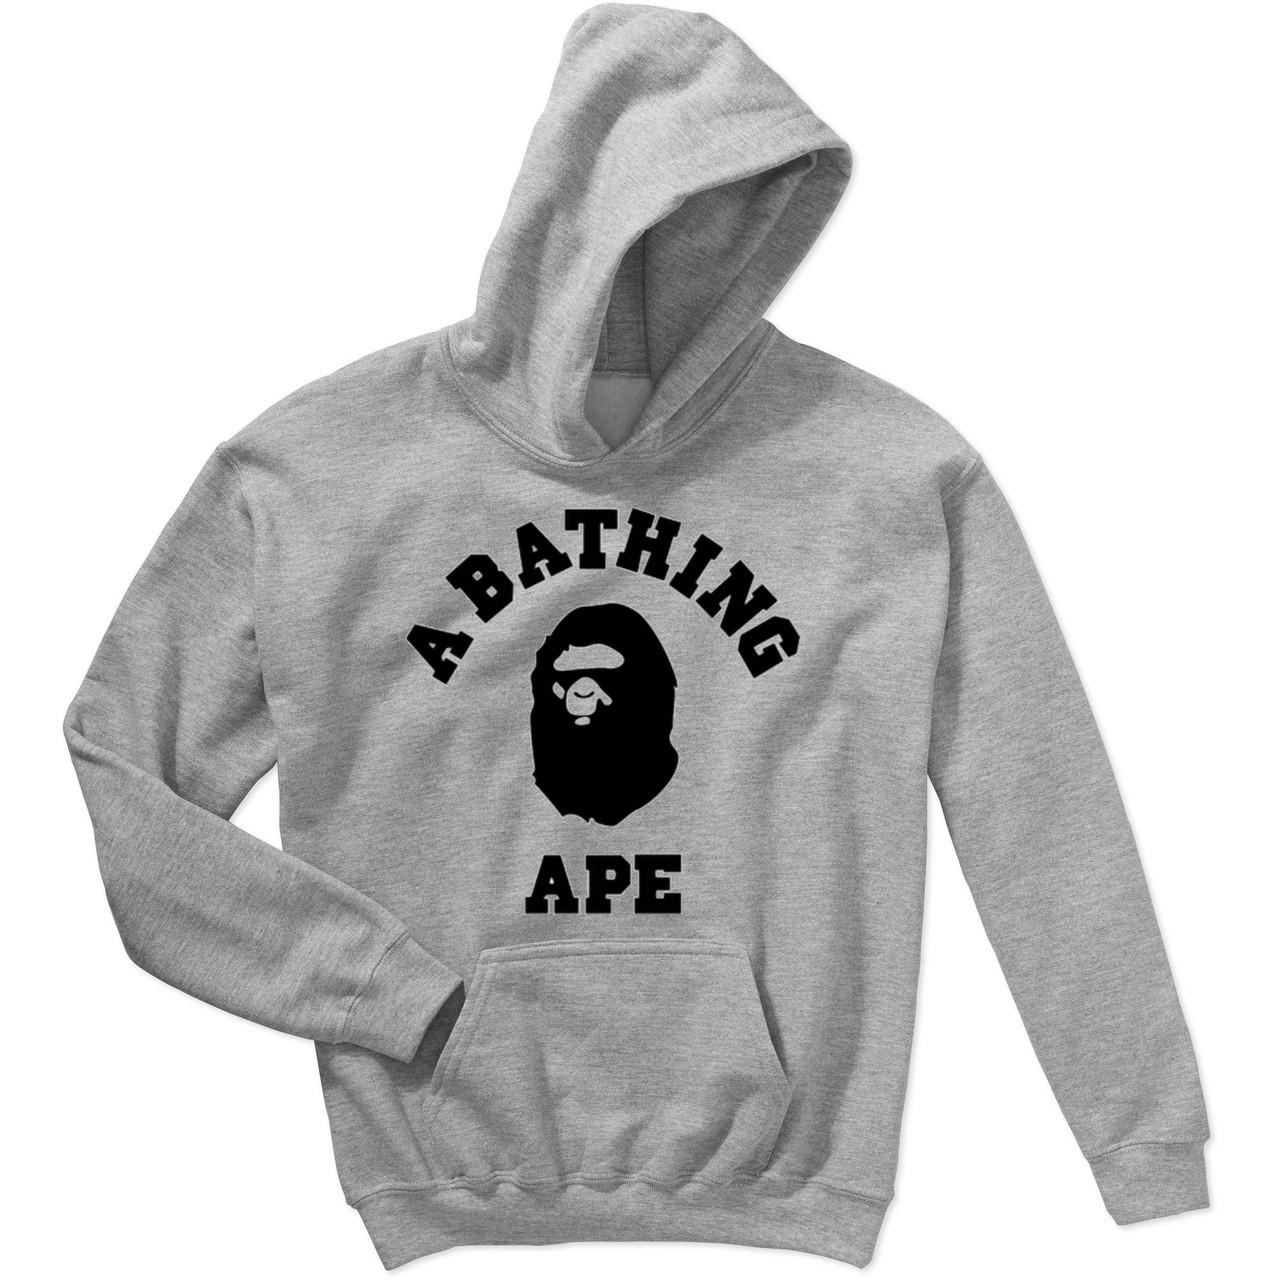 Худи BAPE A Bathing Ape серое с логотипом, унисекс (мужское, женское, детское)